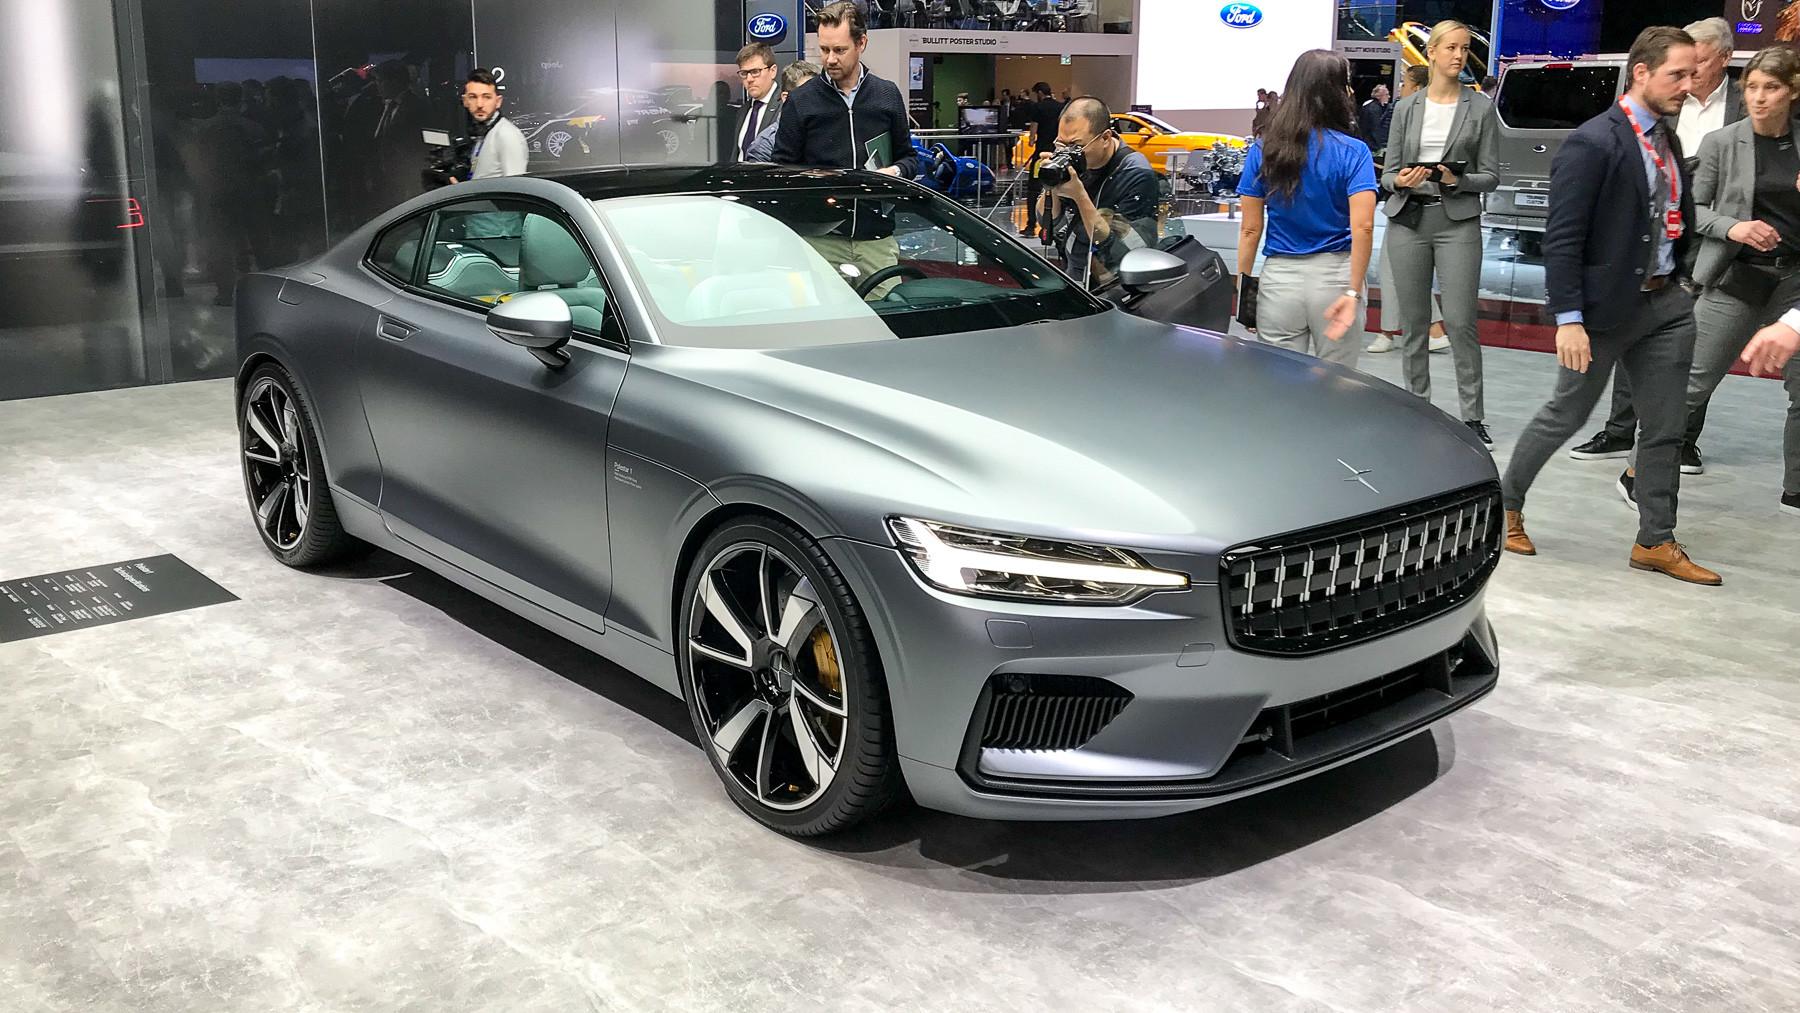 Европейцам презентовали новый автомобильный бренд 1